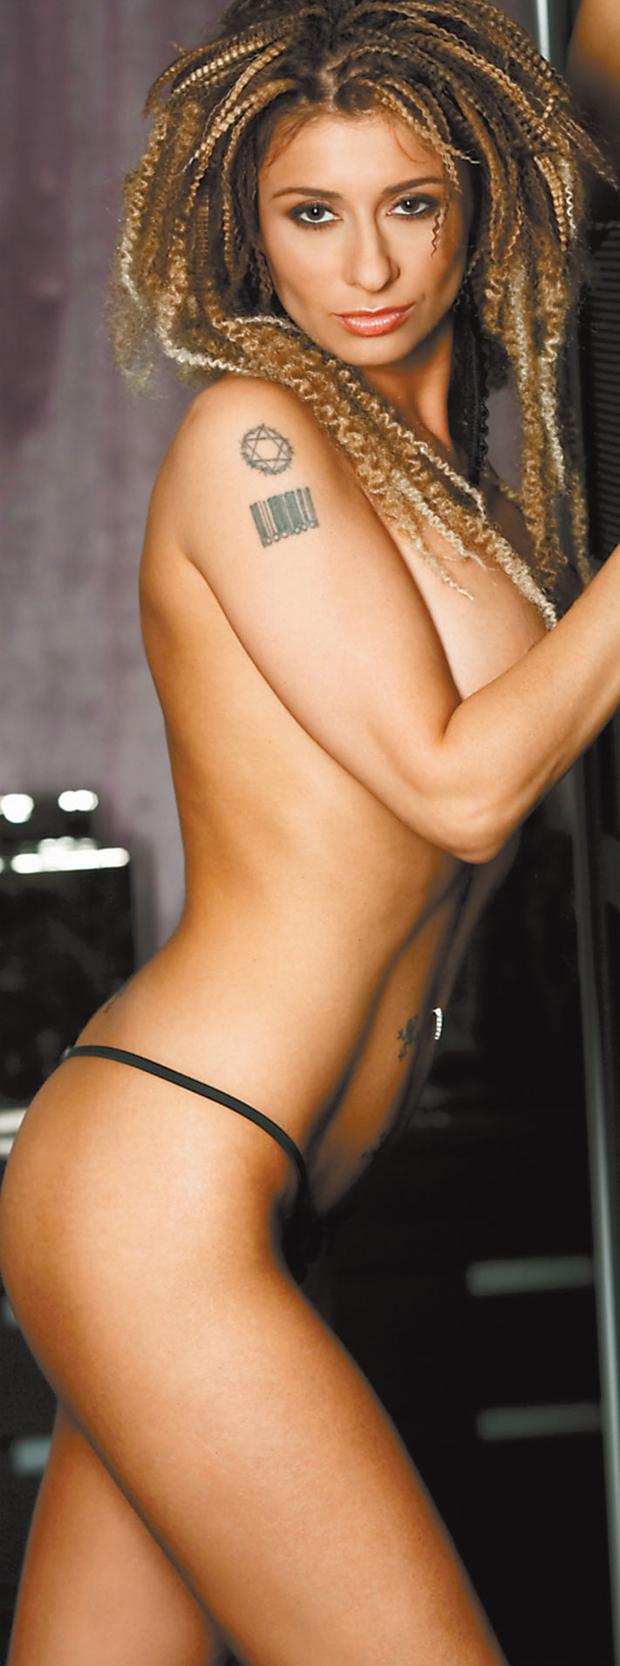 Ana Maria Porn fotografii cu ana maria prodan in toata splendoarea ei